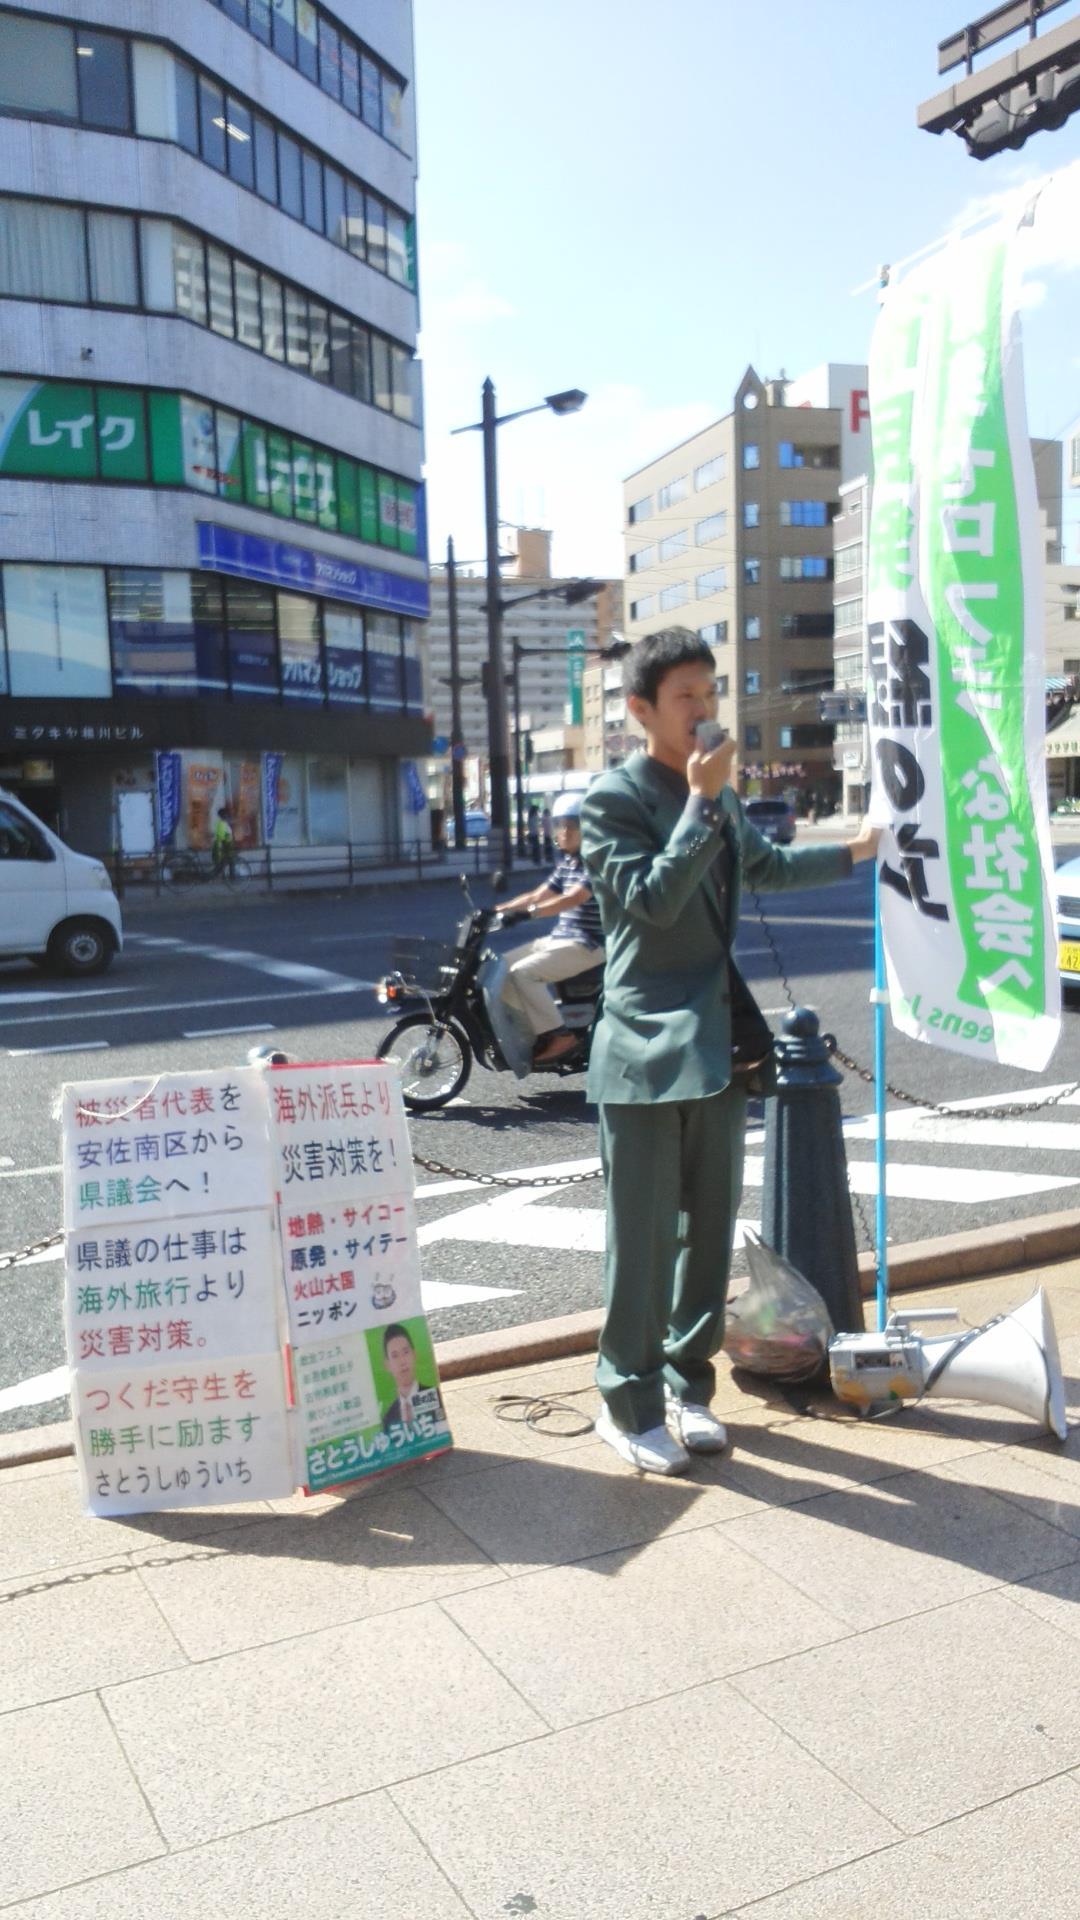 海外派兵より災害対策!災害超大国日本に原発いらない。_e0094315_14470246.jpg